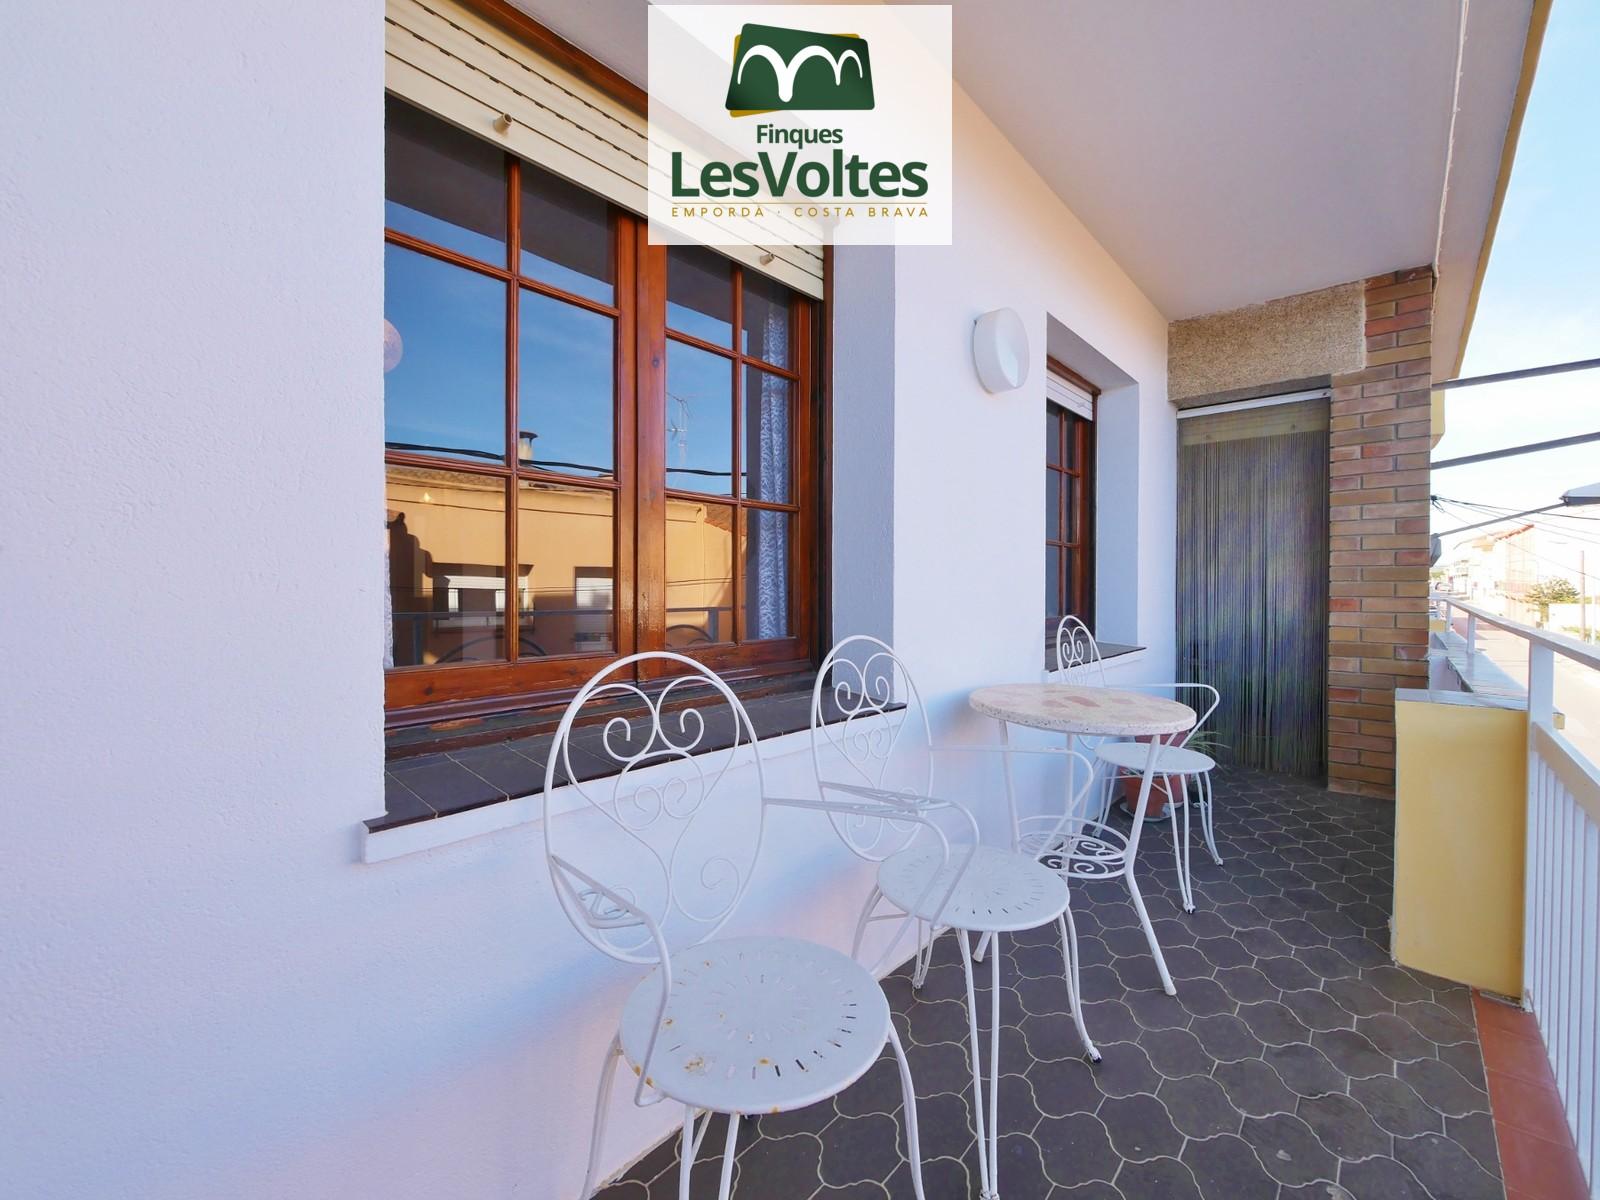 Pis de 4 habitacions amb terrassa i plaça d'aparcament en venda a Palafrugell. Situat a prop del centre.